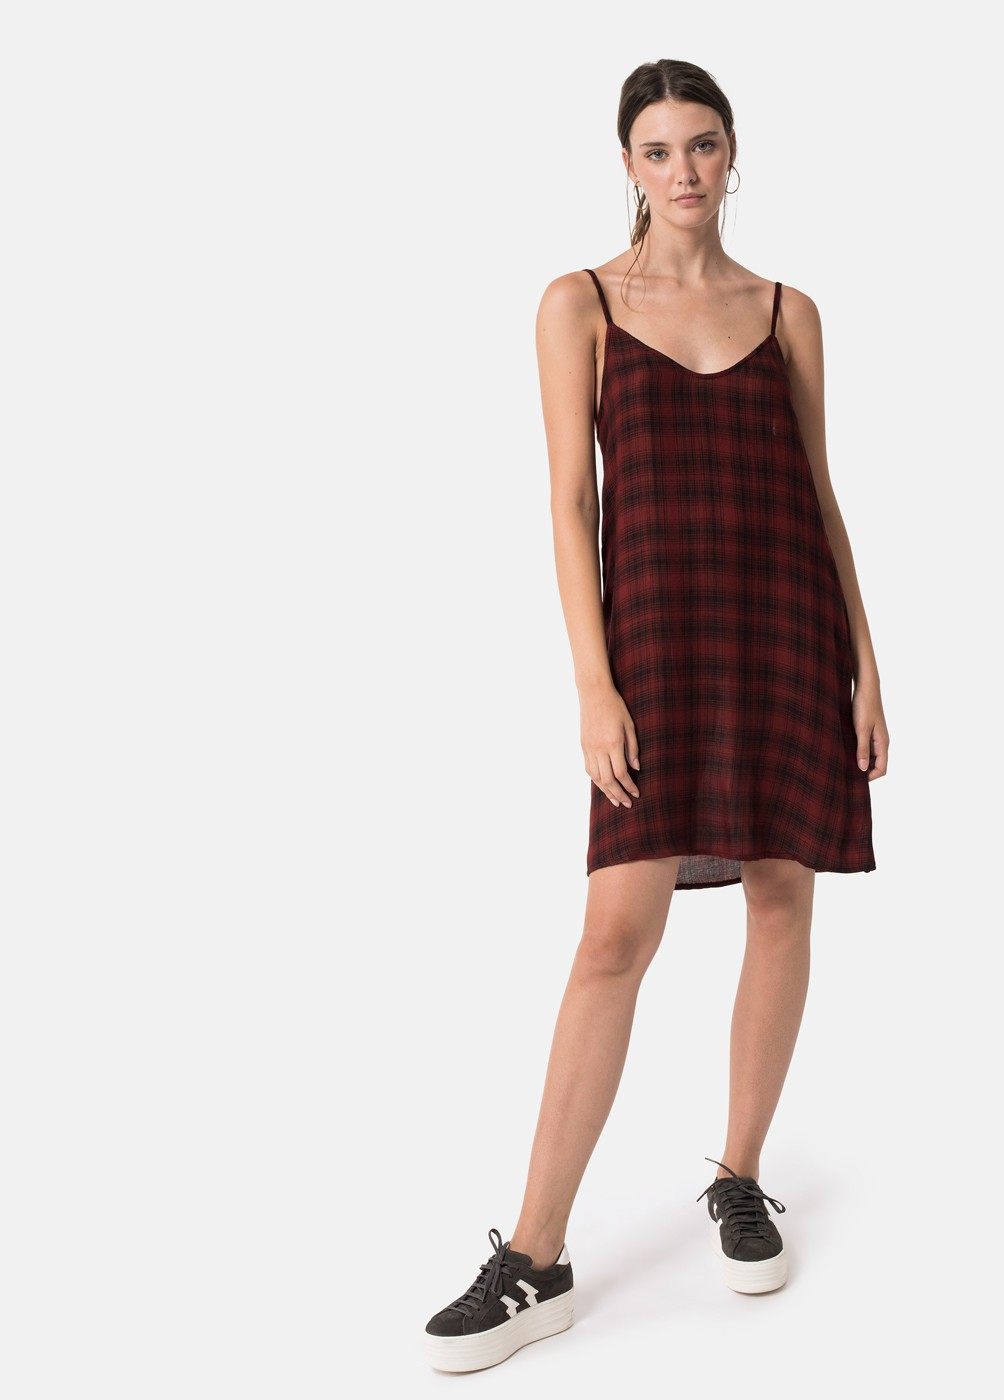 MAGALI CHECKED DRESS